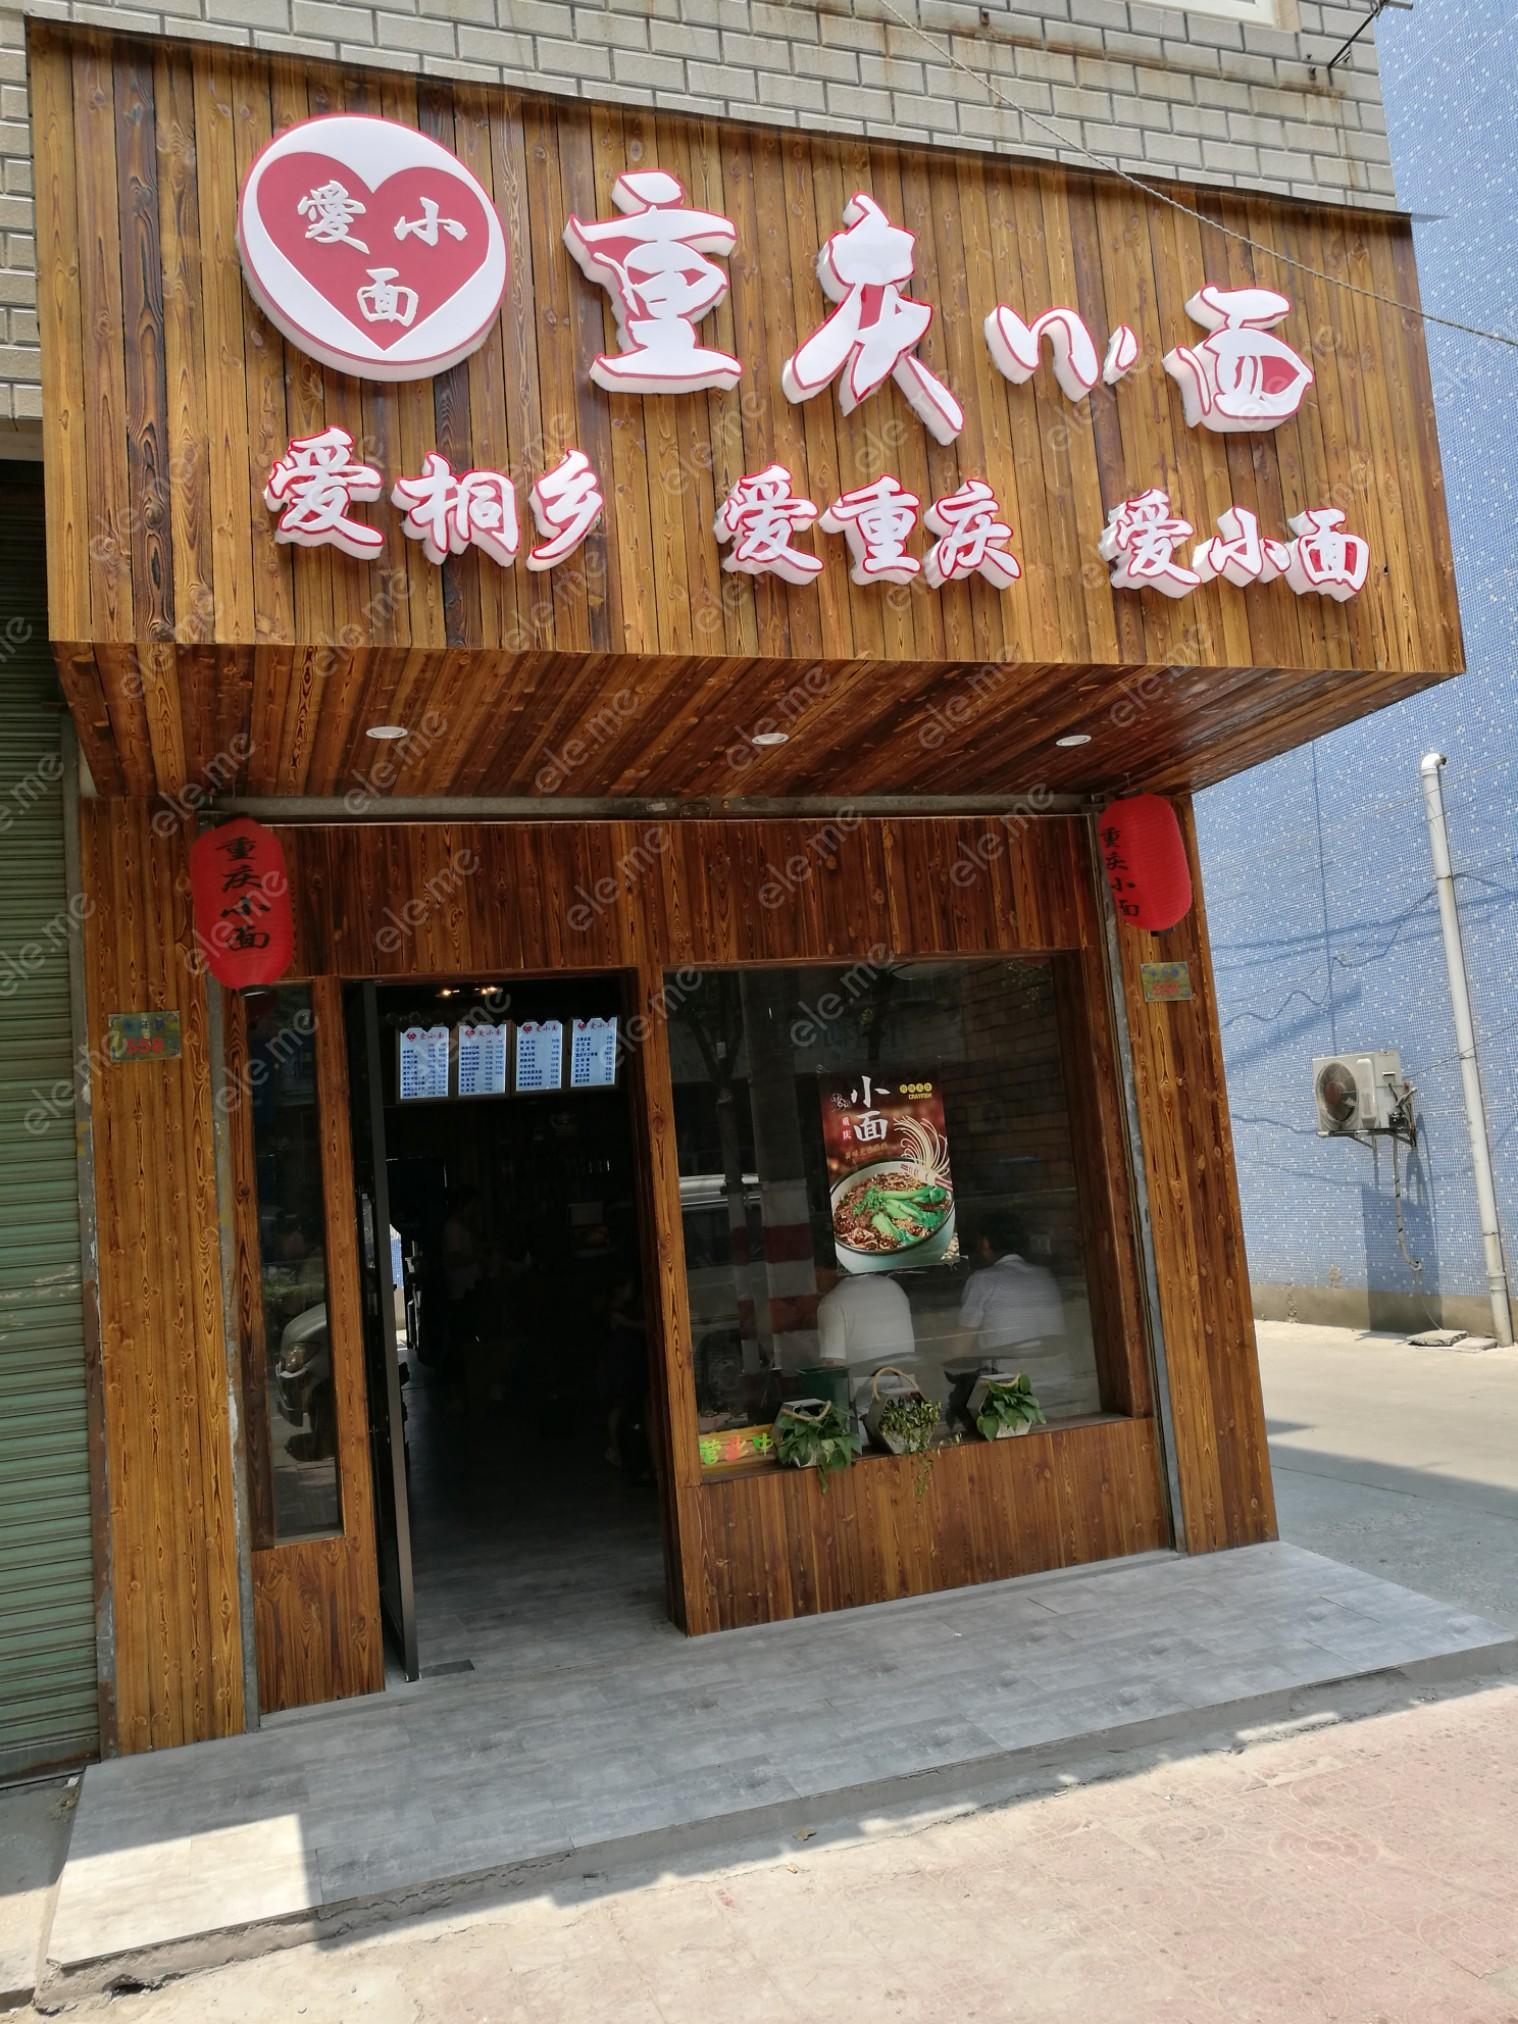 重庆小面爱小面校区聊城大学摊位出租美食街东图片